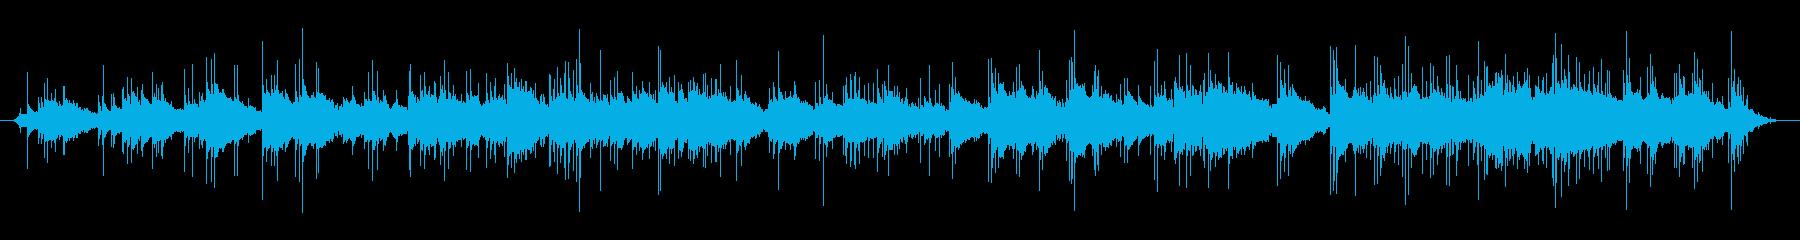 赤ちゃん ベビー ガラガラ 夢見心地 3の再生済みの波形